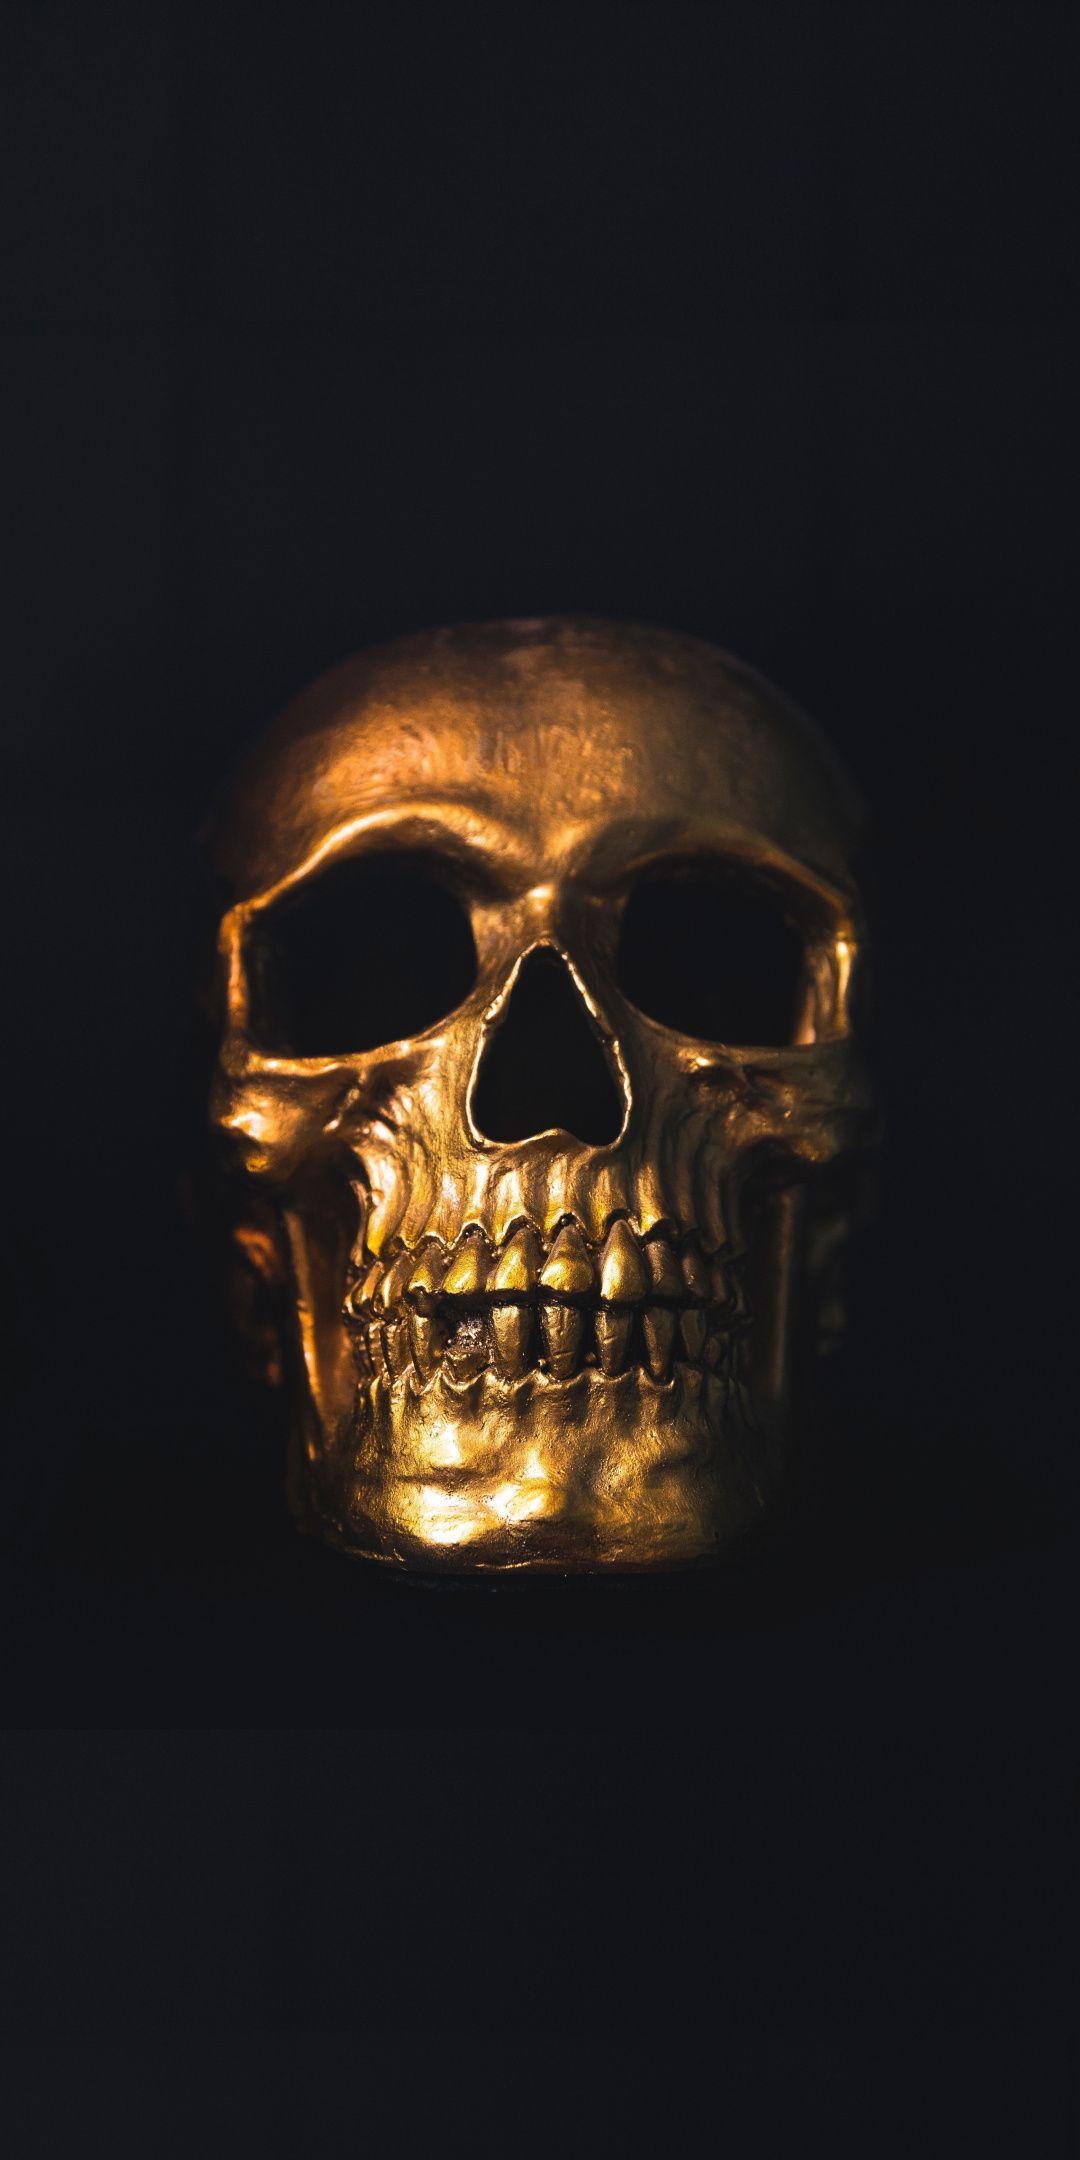 Skull Dark Minimal Skull Wallpapers Oled Wallpapers Minimalist Wallpapers Minimalism Wallpapers Hd Wallpap In 2020 Skull Wallpaper Minimal Wallpaper Neon Wallpaper